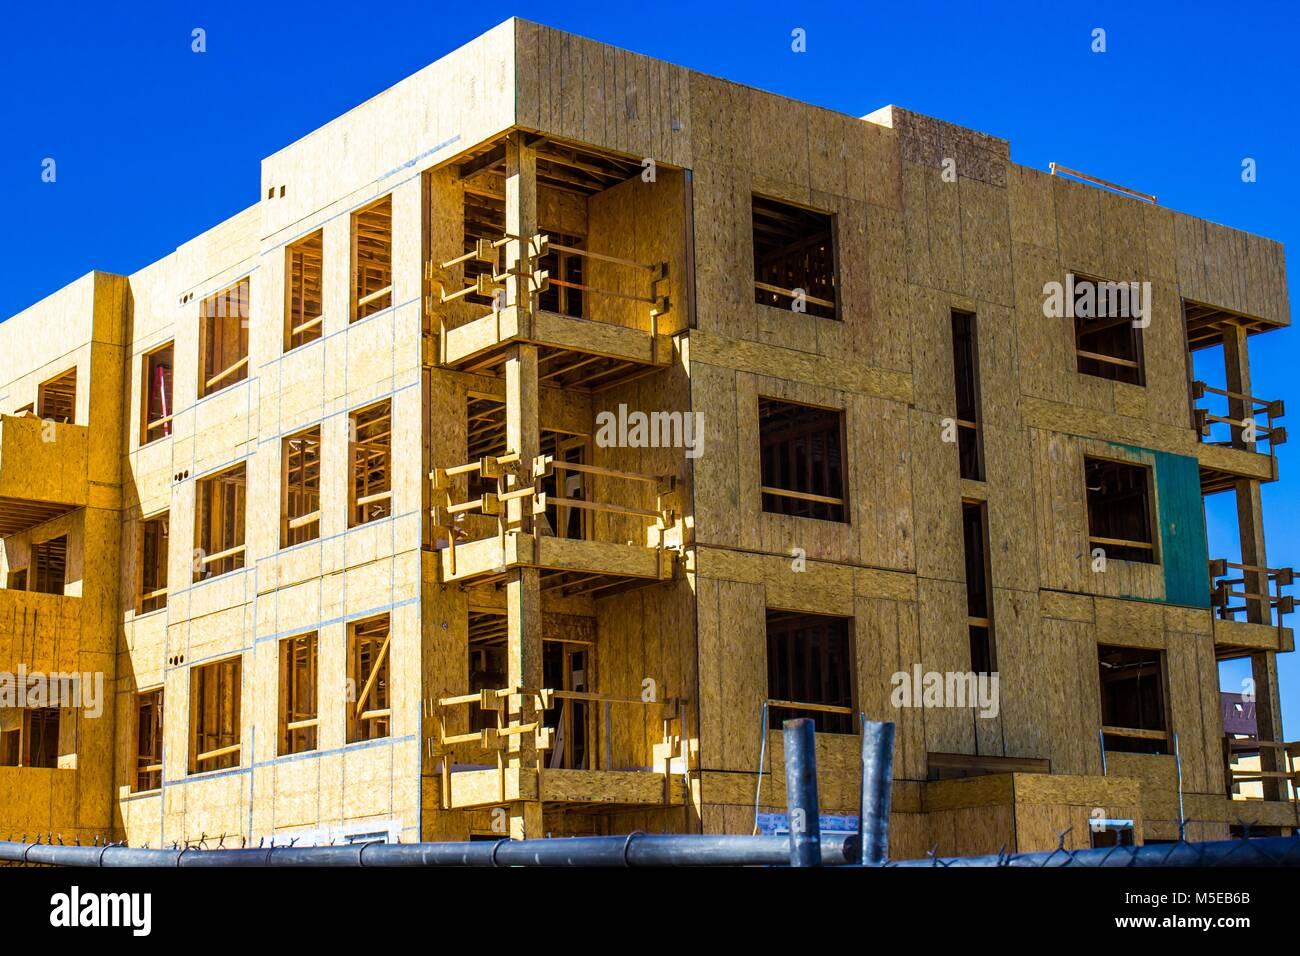 Asombroso Edificio De Apartamentos Para Colorear Elaboración - Ideas ...